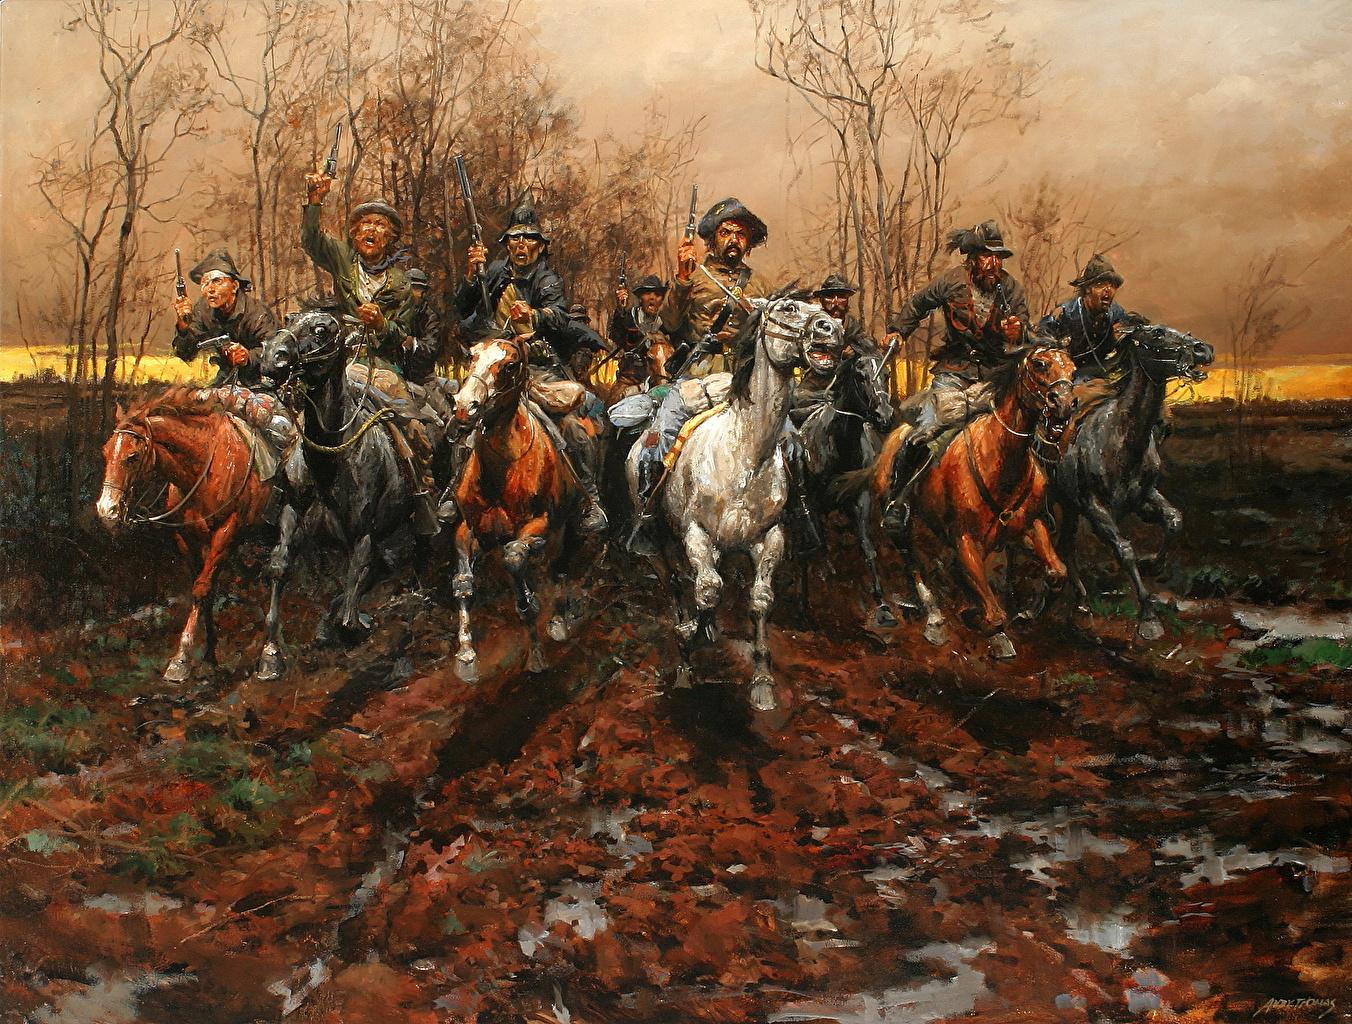 Afbeelding Paarden een man Andy Thomas, The Guerrillas Schilderkunst paard Mannen schilderij